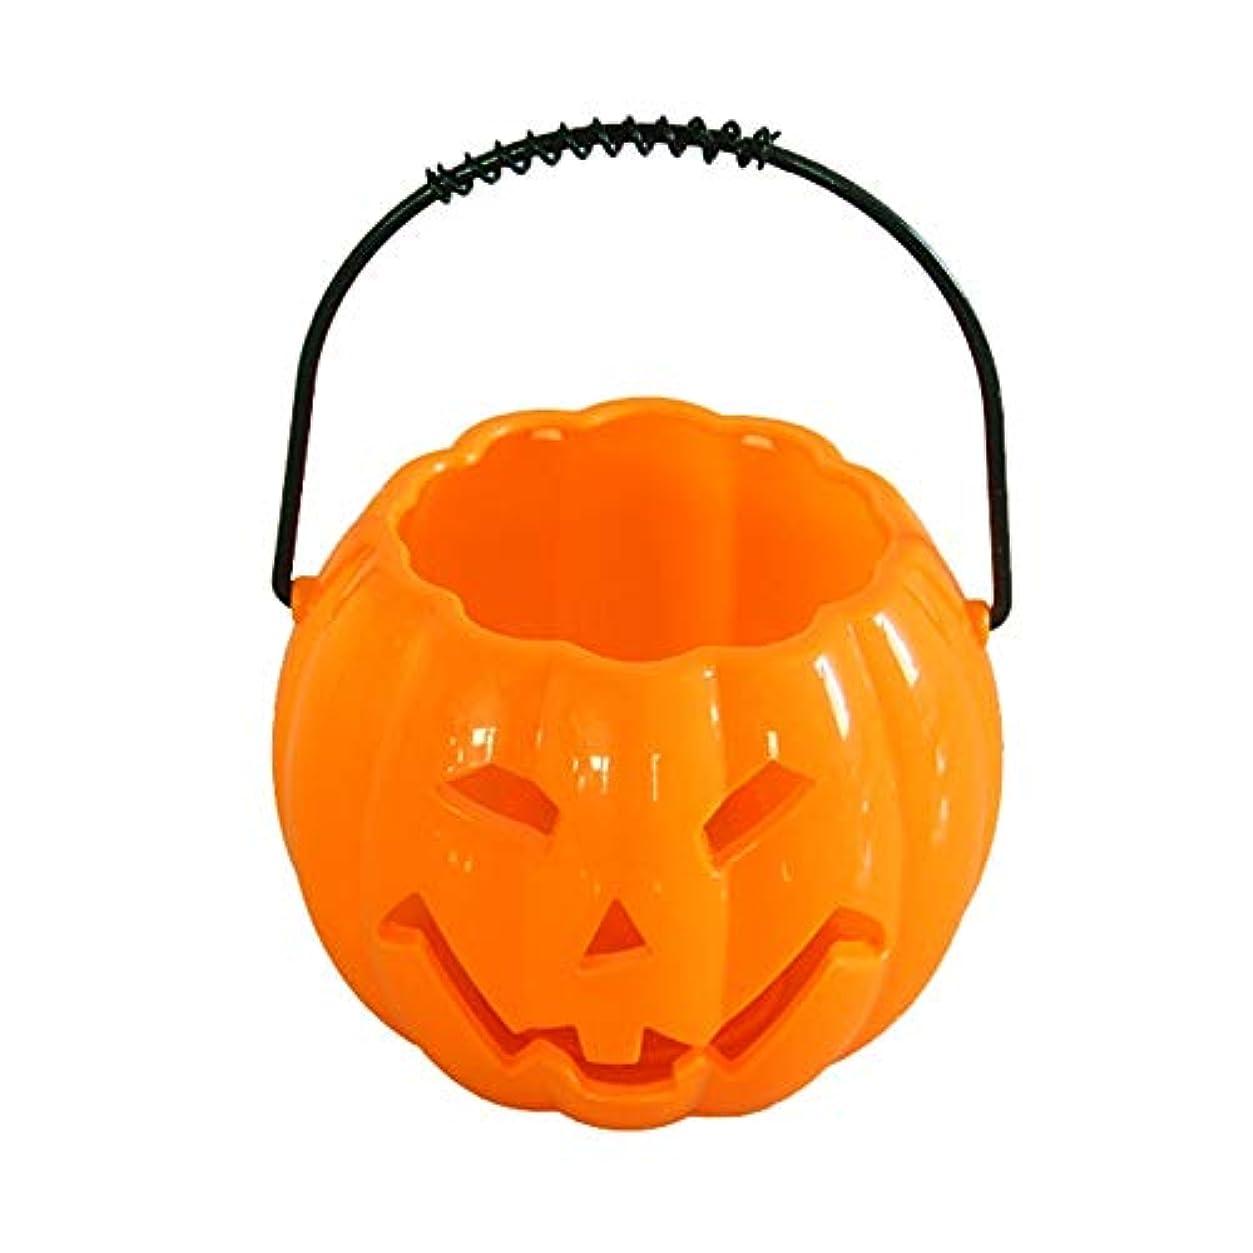 クリケット欲望失礼ビズアイ カボチャのランプは、友人ハロウィーンハロウィーンのギフト子供のおもちゃのバケツのための贈り物として使用することができ、3つのスタイルがあります ハロウィーンの装飾 (Color : C)